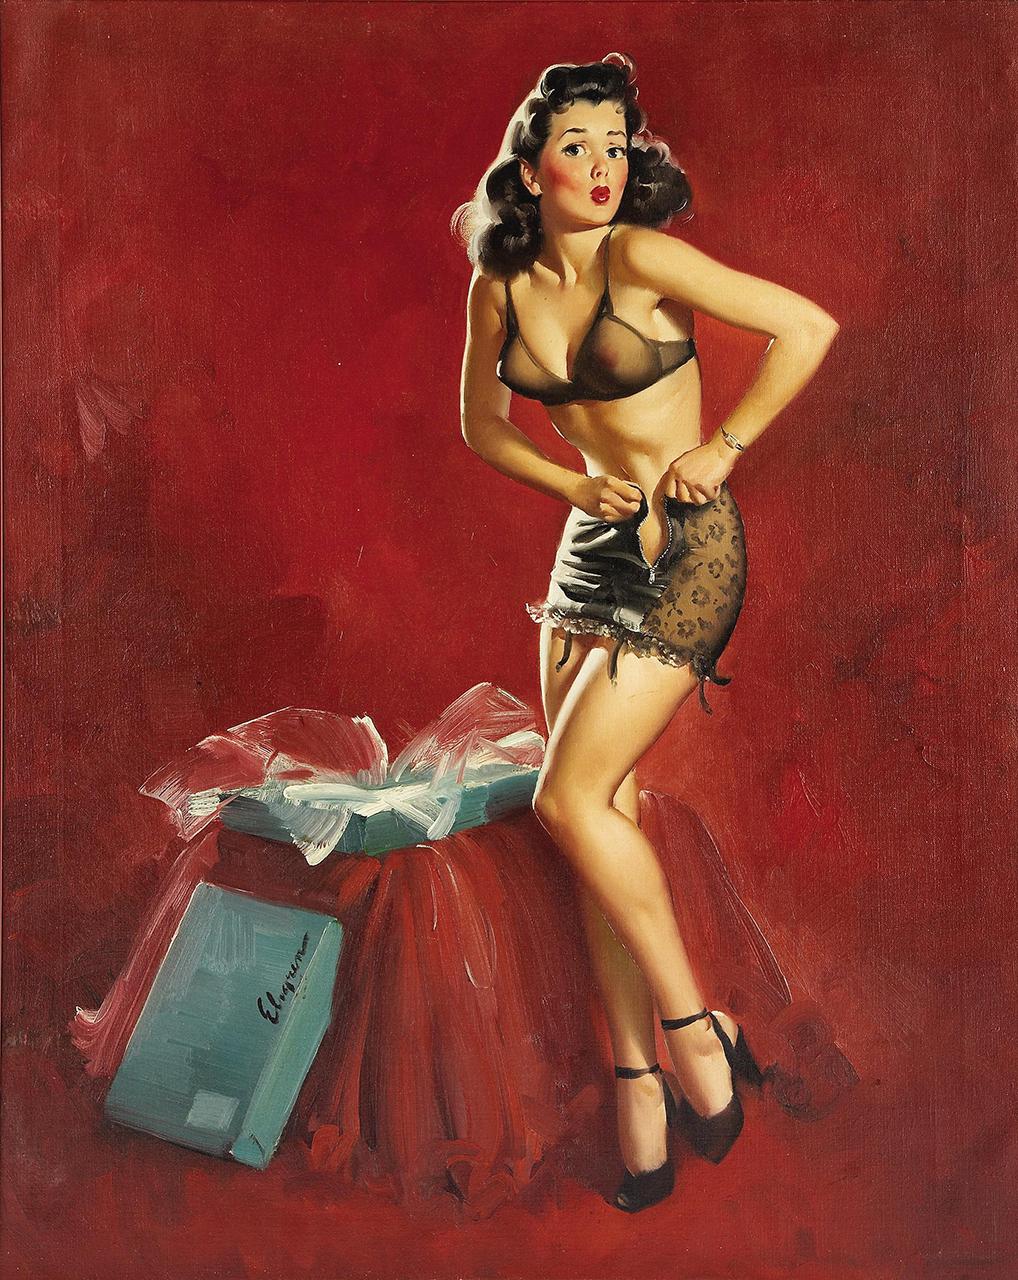 Постер (плакат) Джил Элвгрен: I must be going to waist